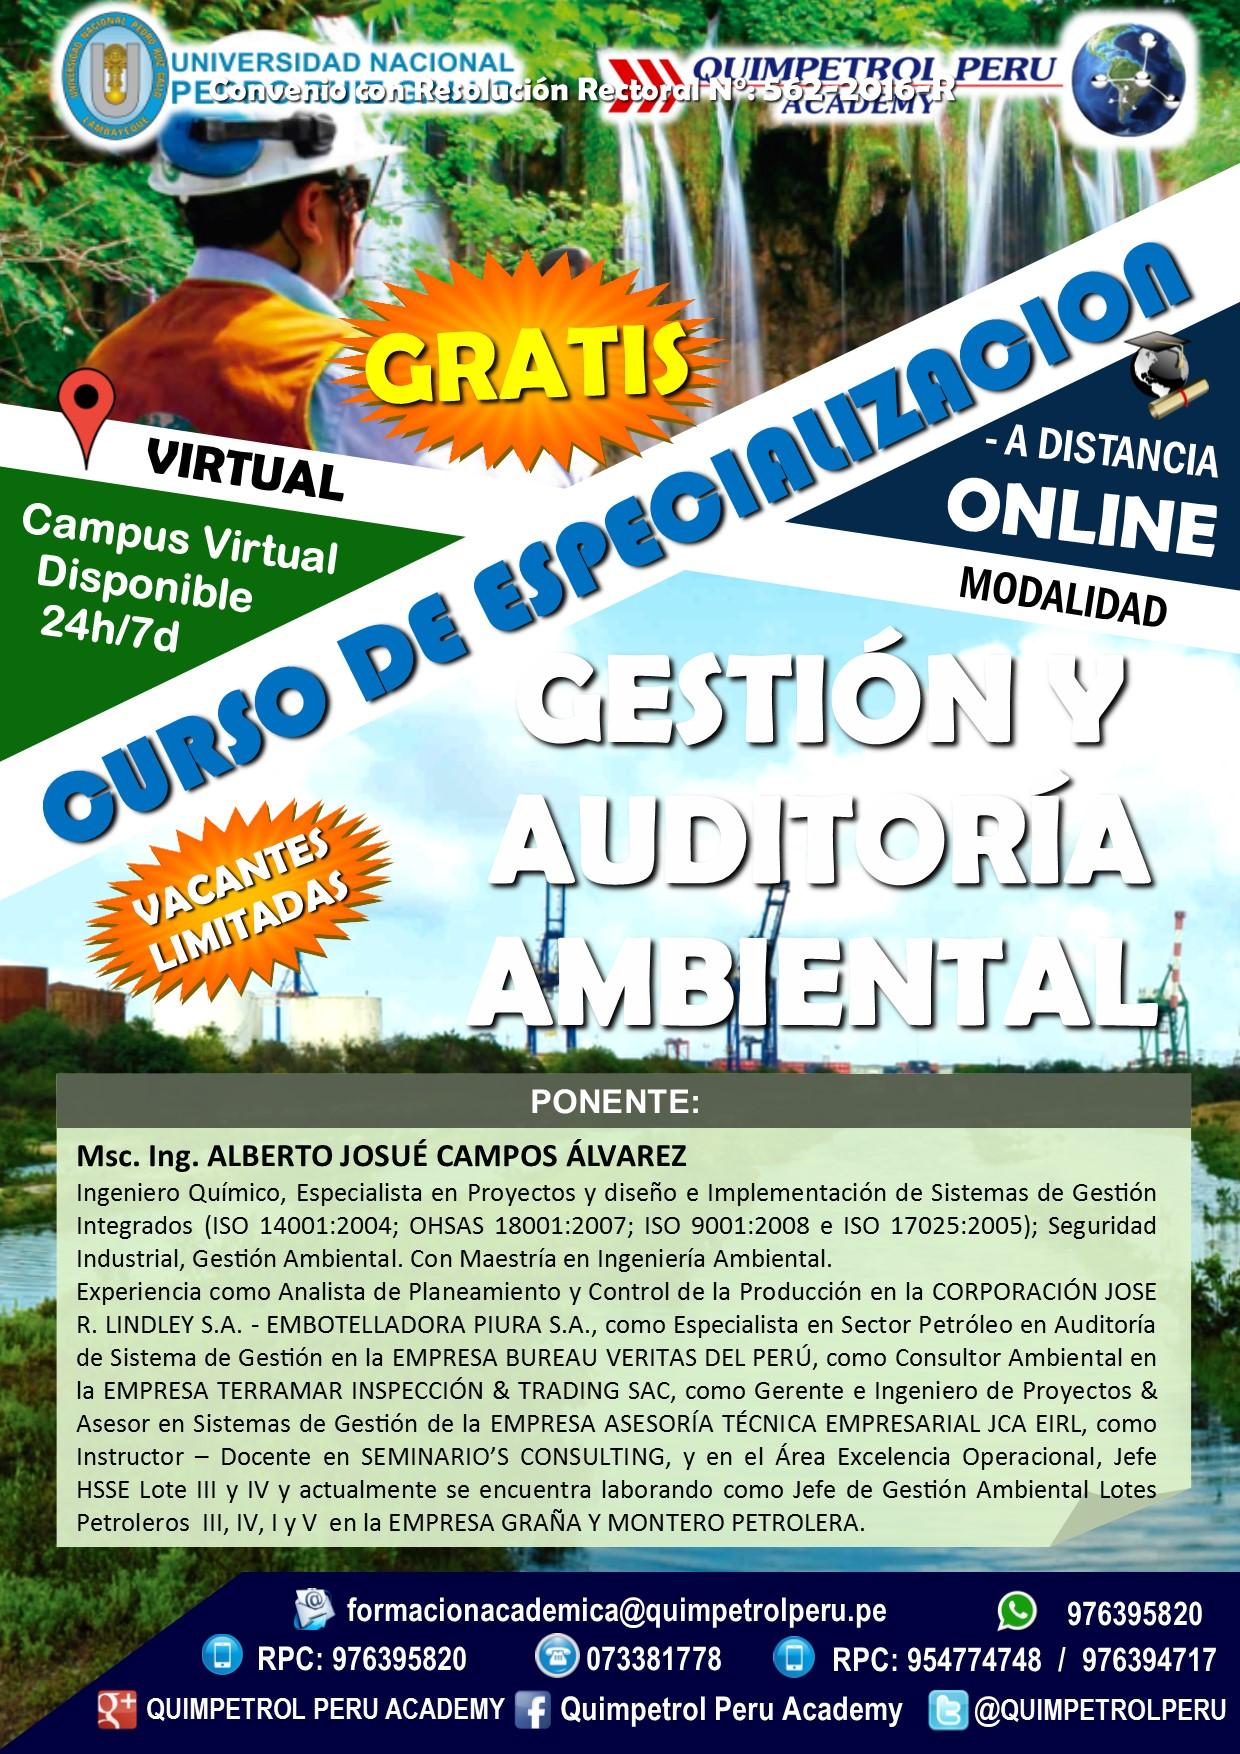 Curso de especialización: Gestión y Auditoría Ambiental